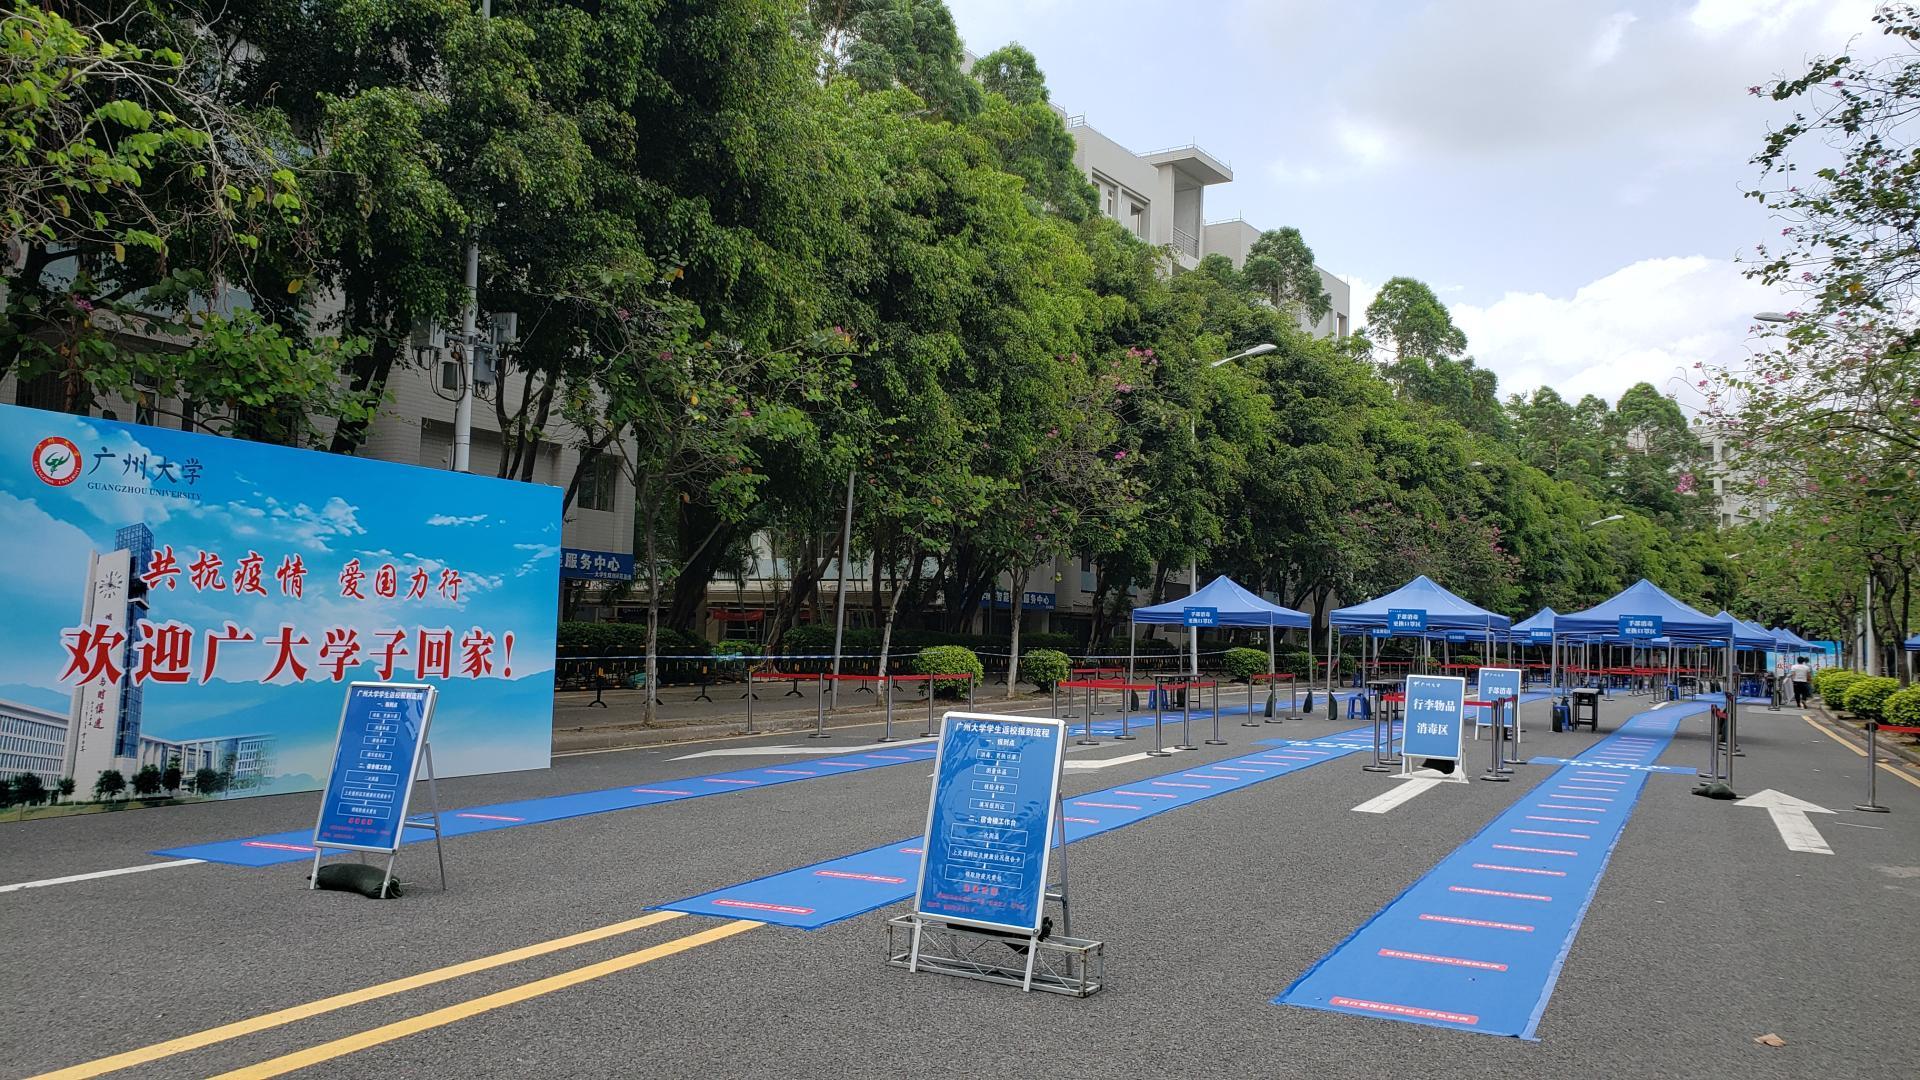 【众志成城】实地演练!广州大学做足准备迎接学子回校